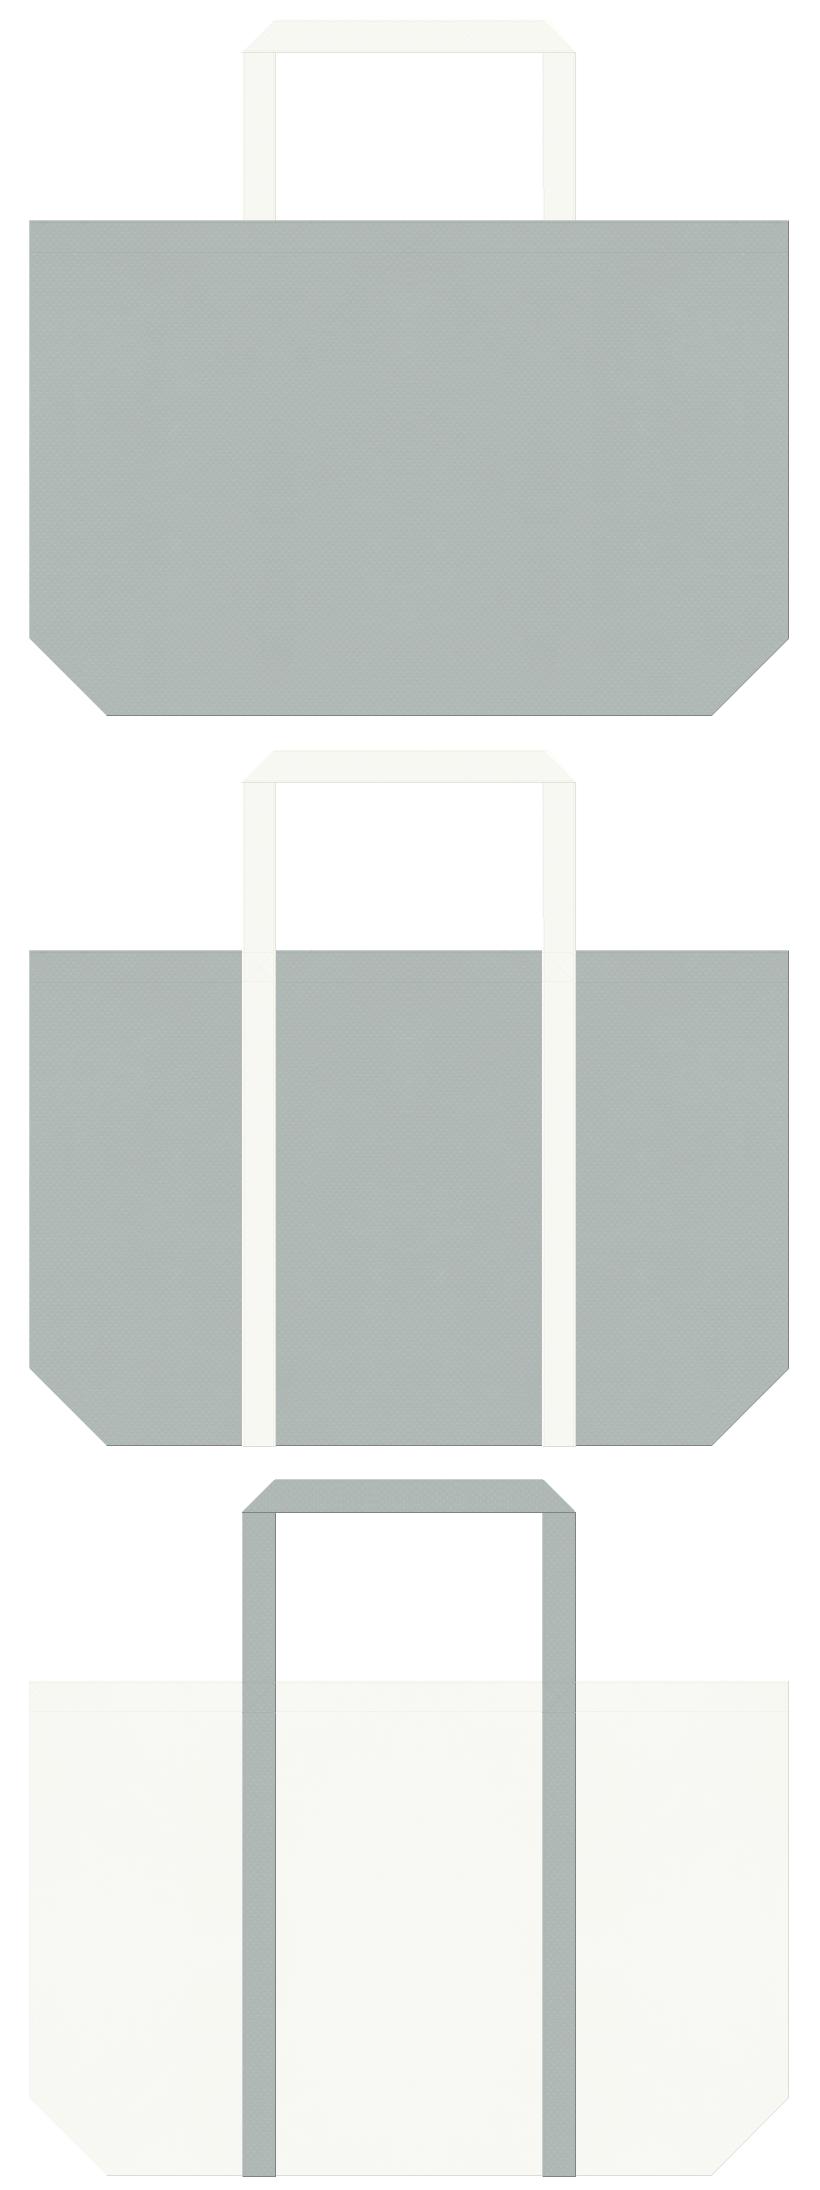 グレー色とオフホワイト色の不織布エコバッグのデザイン。コアラ・什器・設計・オフィス用品のイメージにお奨めの配色です。